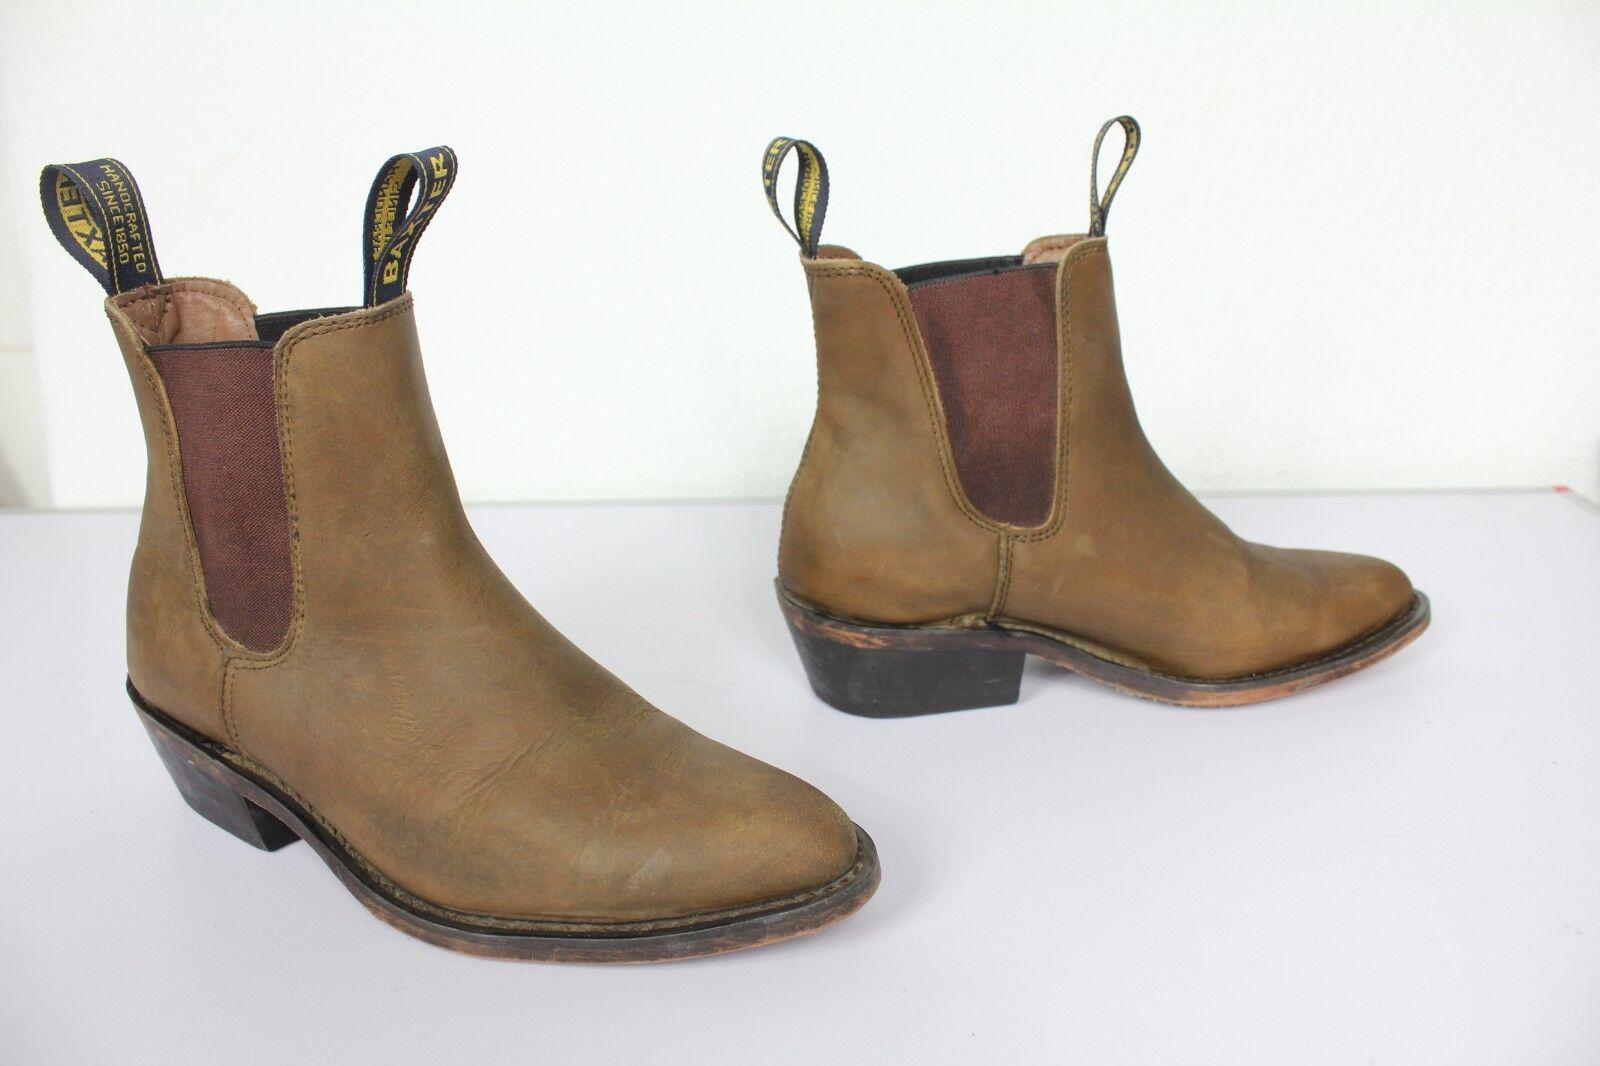 Baxter Handcrafted elegante botas vaqueras cuero genuino marrón tonos eu 39